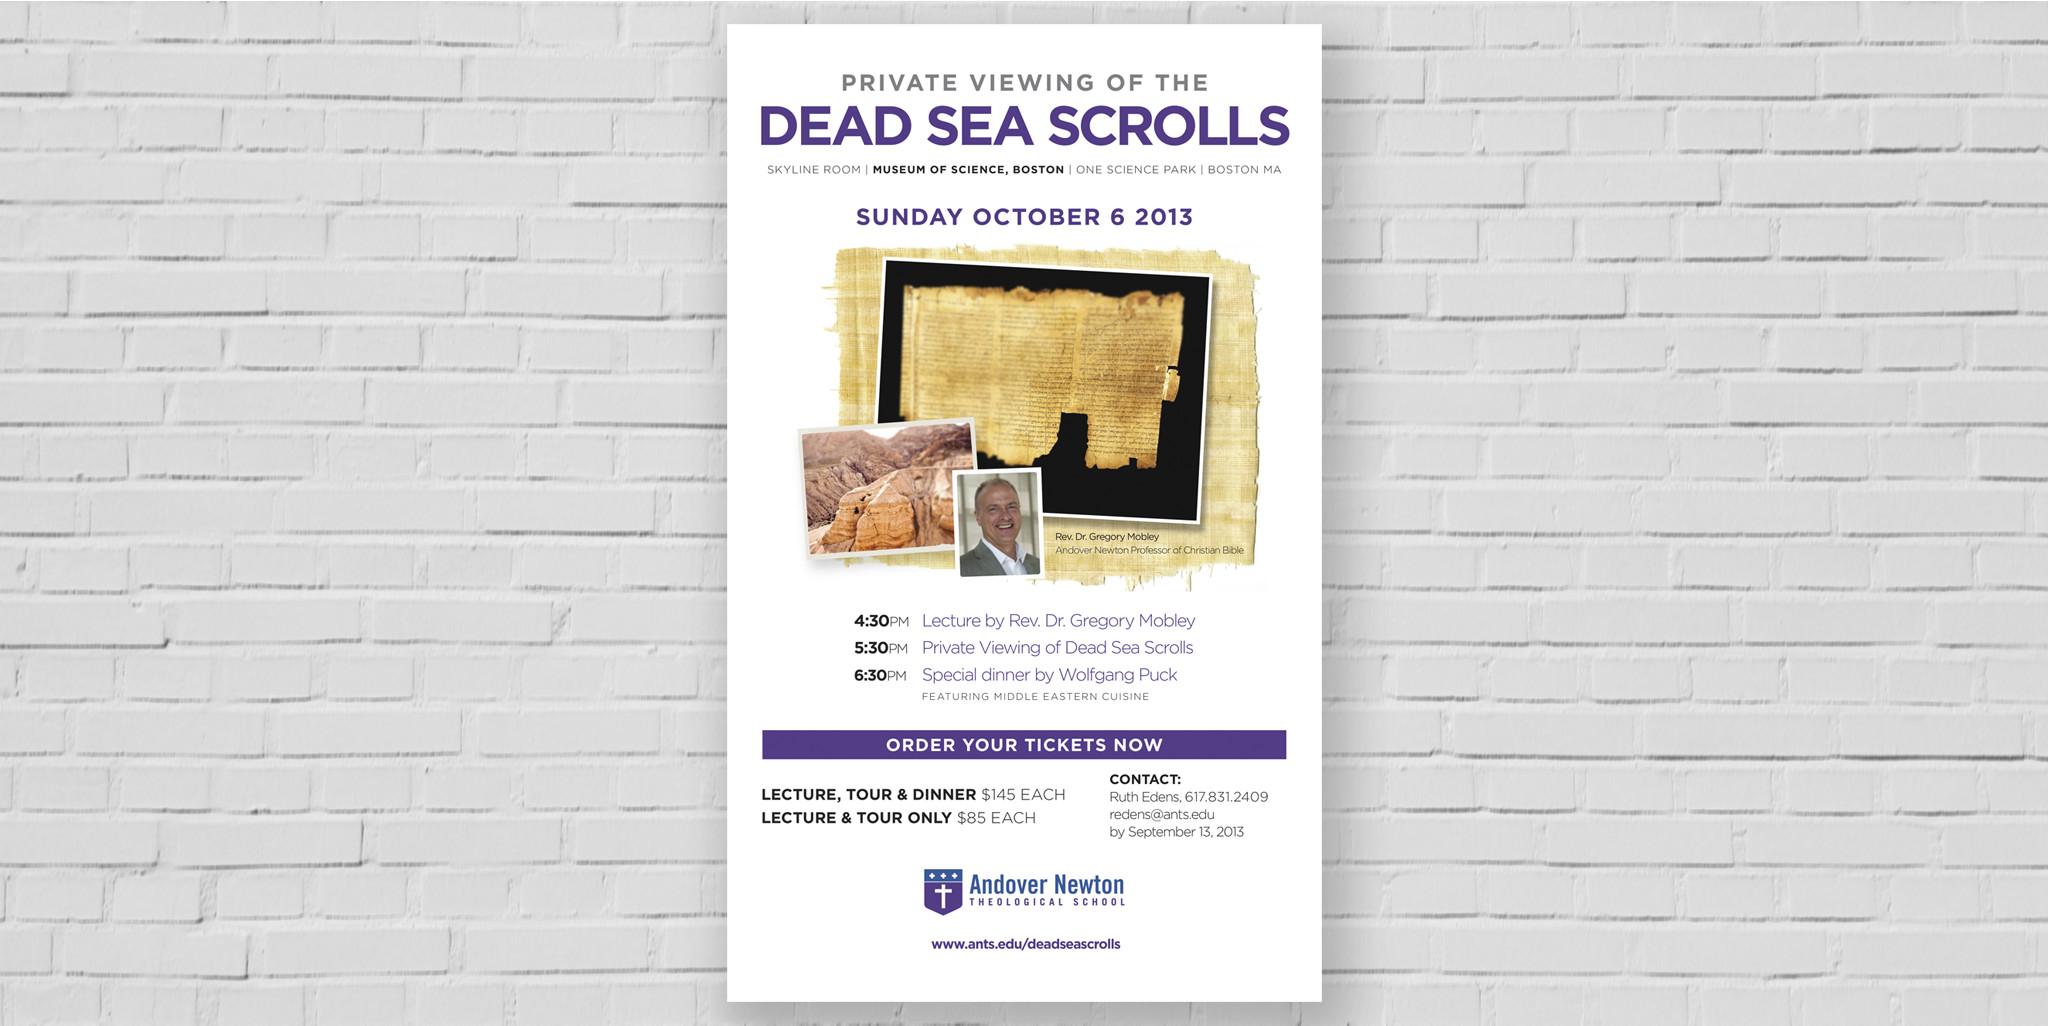 ANTS_dead_sea_poster_1024.jpg